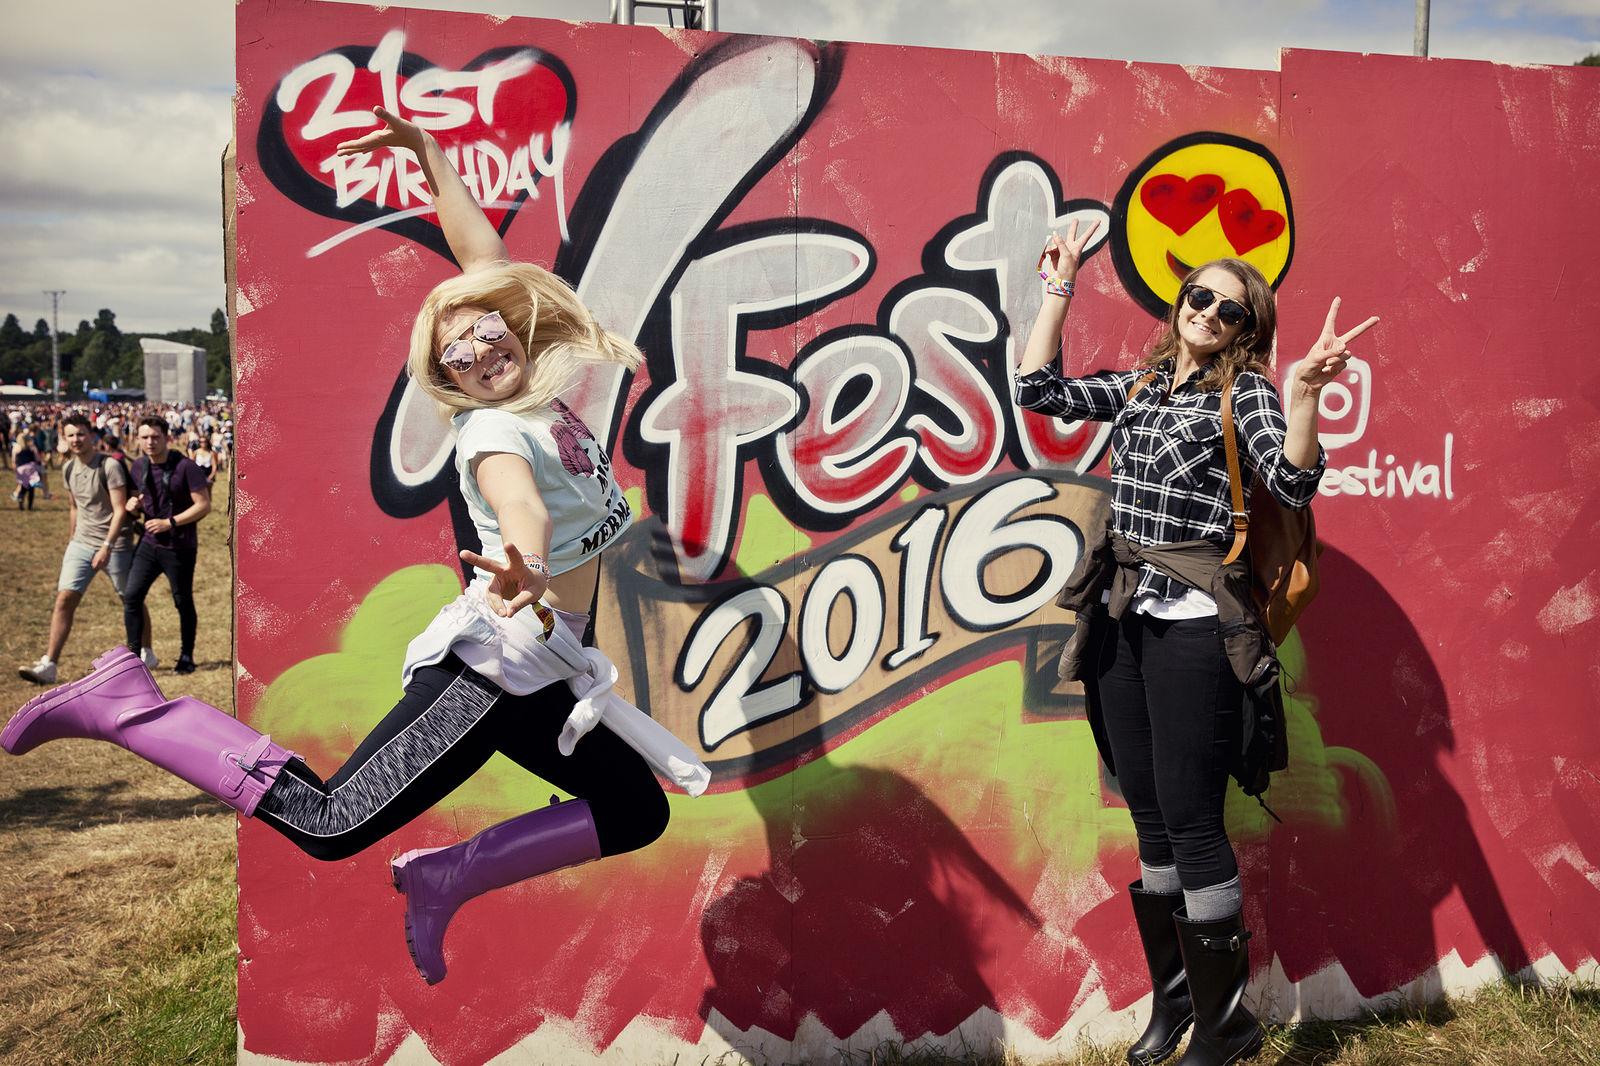 V Festival 2016 - JUMP! Bianca Barrett